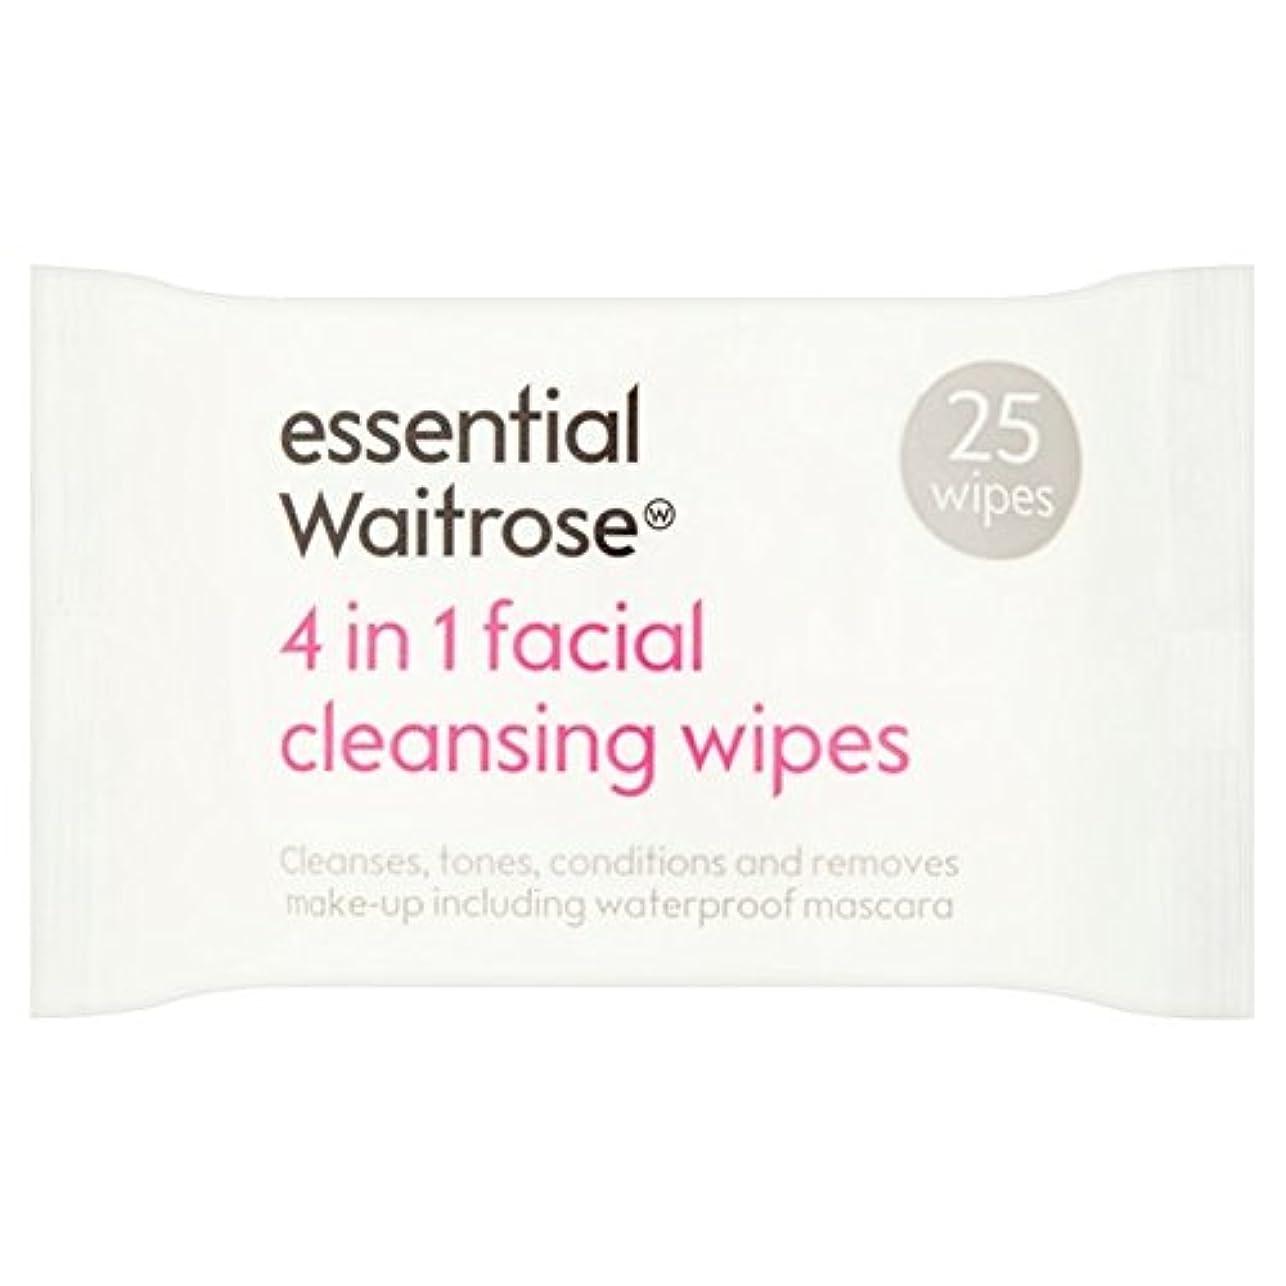 機知に富んだトーストベッドを作る3 in 1 Facial Wipes essential Waitrose 25 per pack - 3 1での顔のワイプパックあたり不可欠ウェイトローズ25 [並行輸入品]